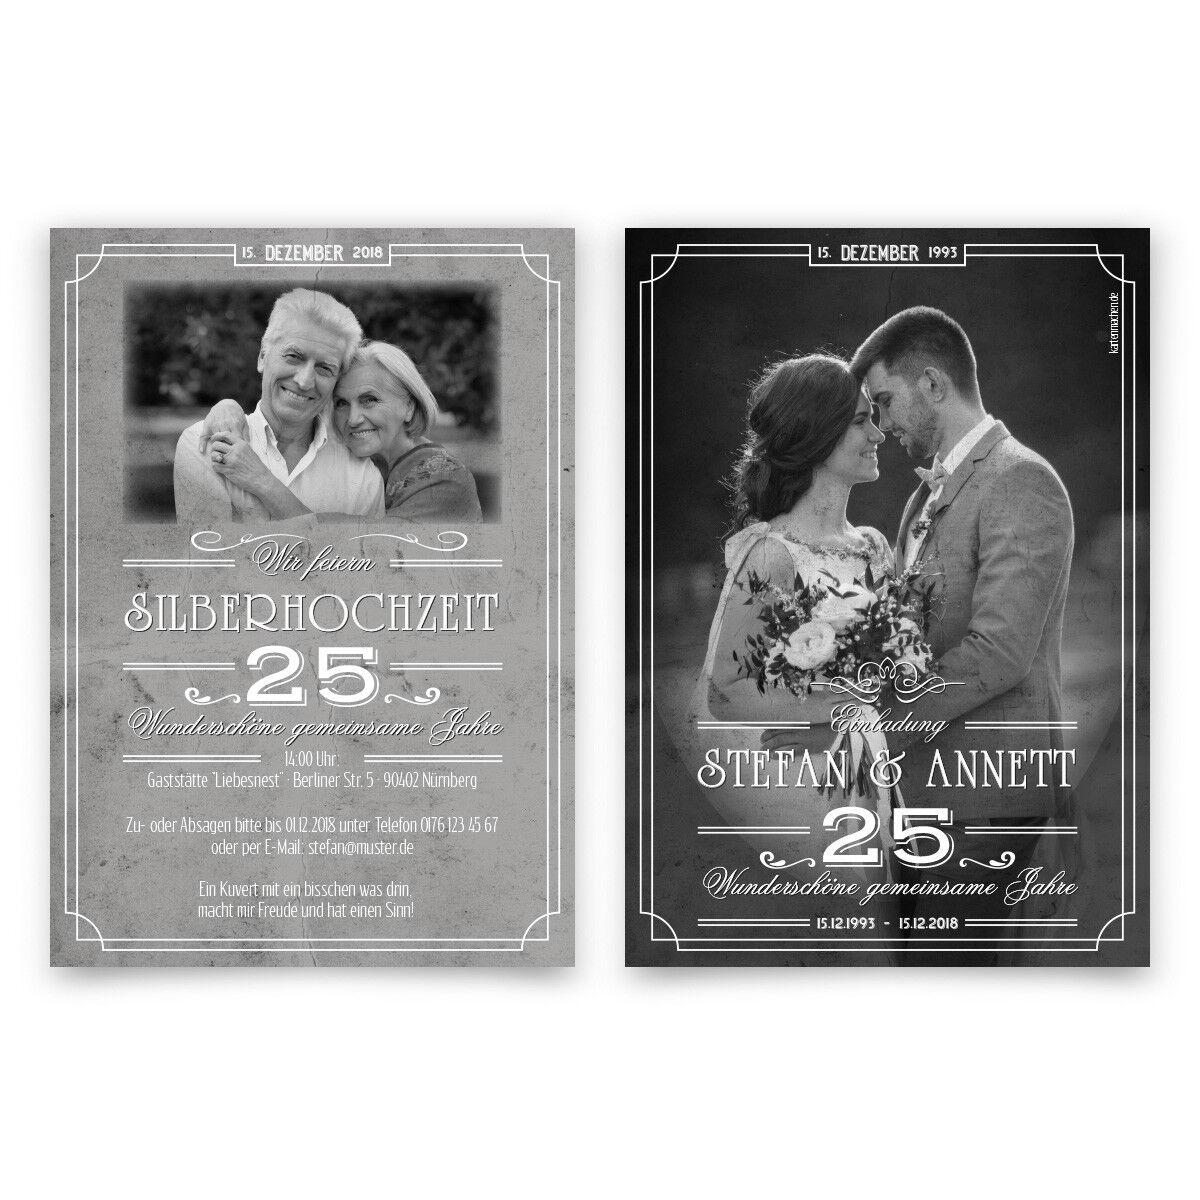 Hochzeitseinladungen Silberhochzeit silberne Hochzeit - 25 wundervolle Jahre   | Verkaufspreis  | Rich-pünktliche Lieferung